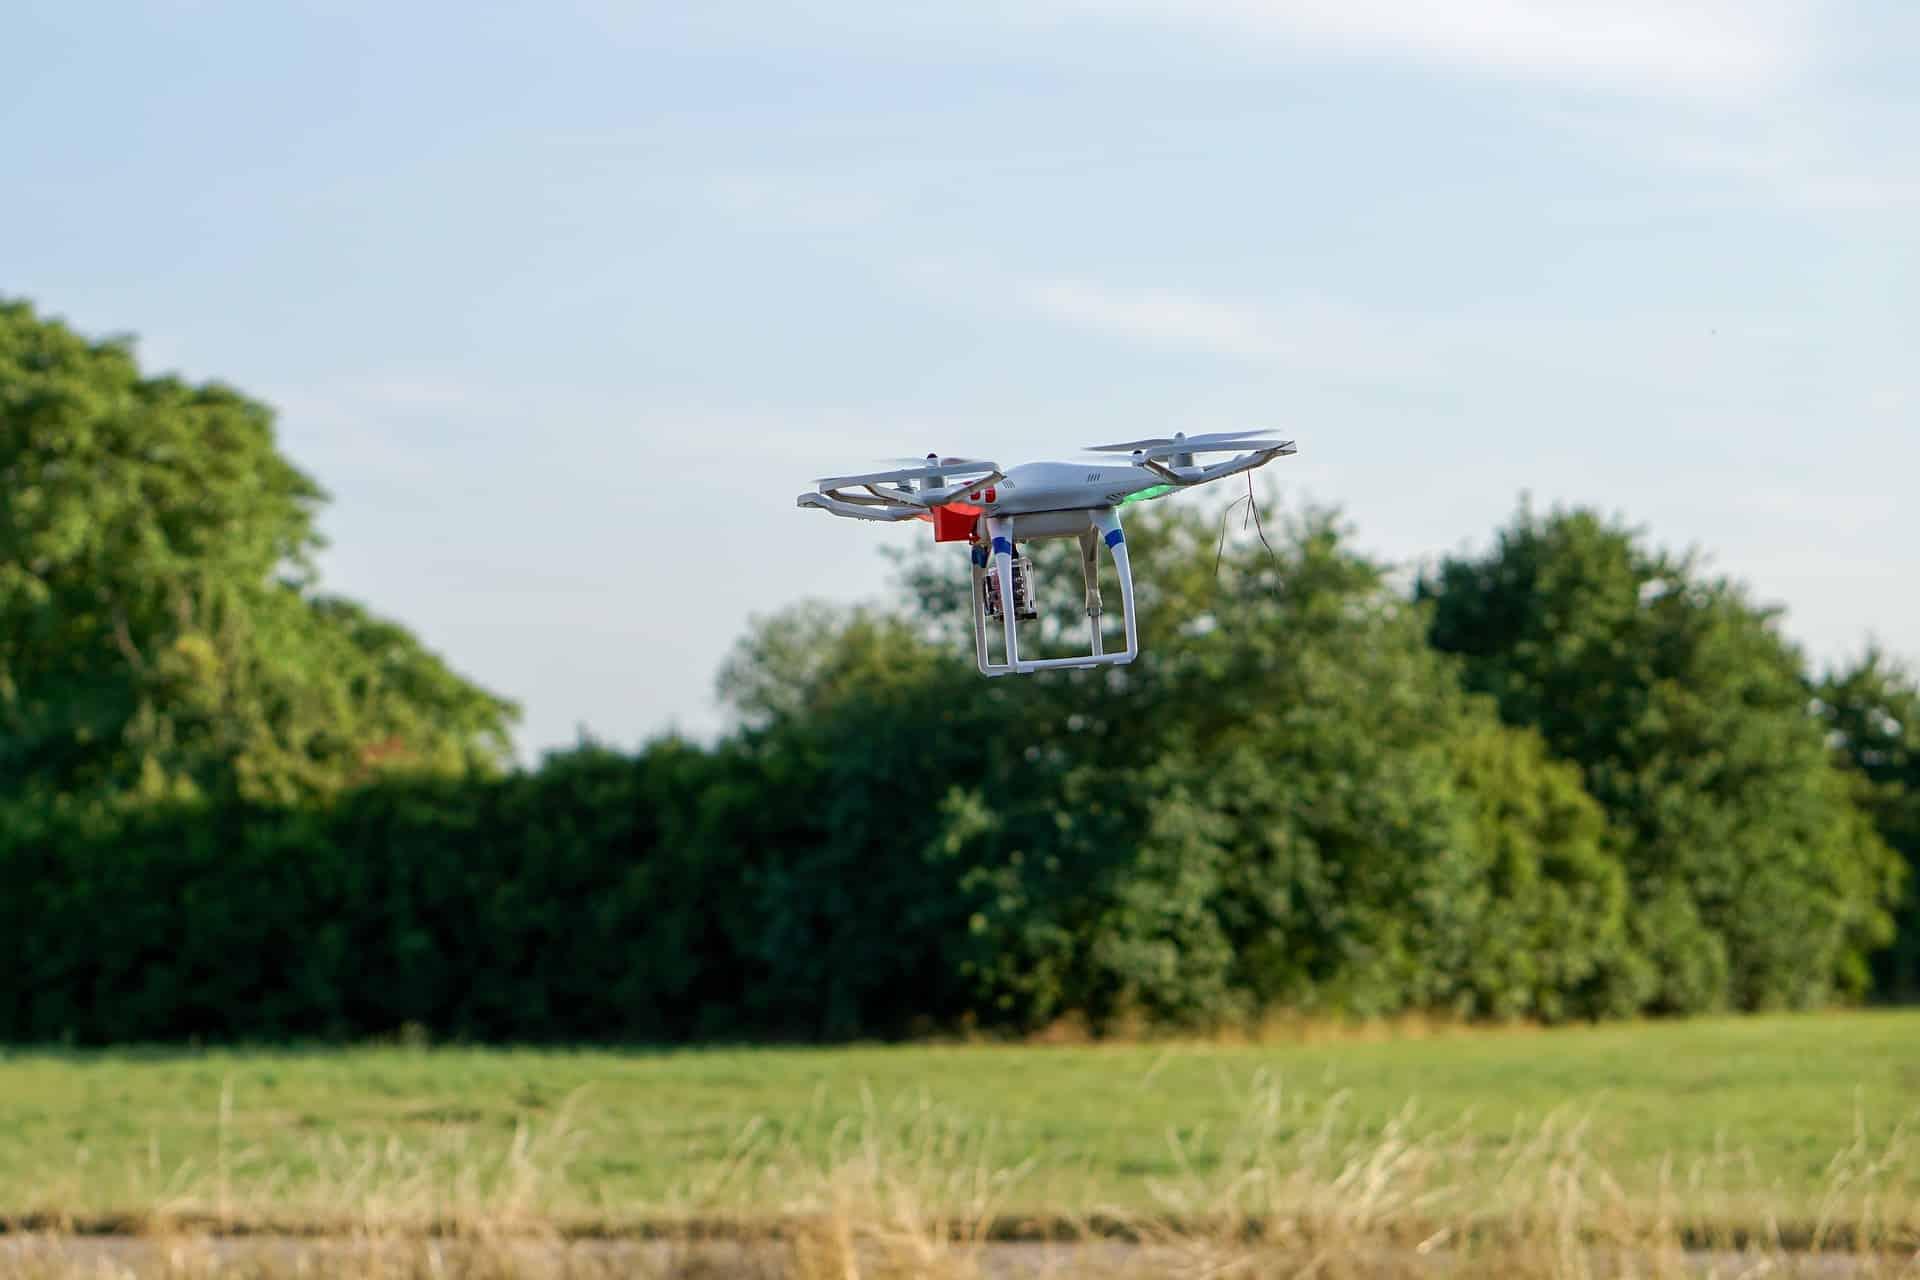 drone 2554169 1920